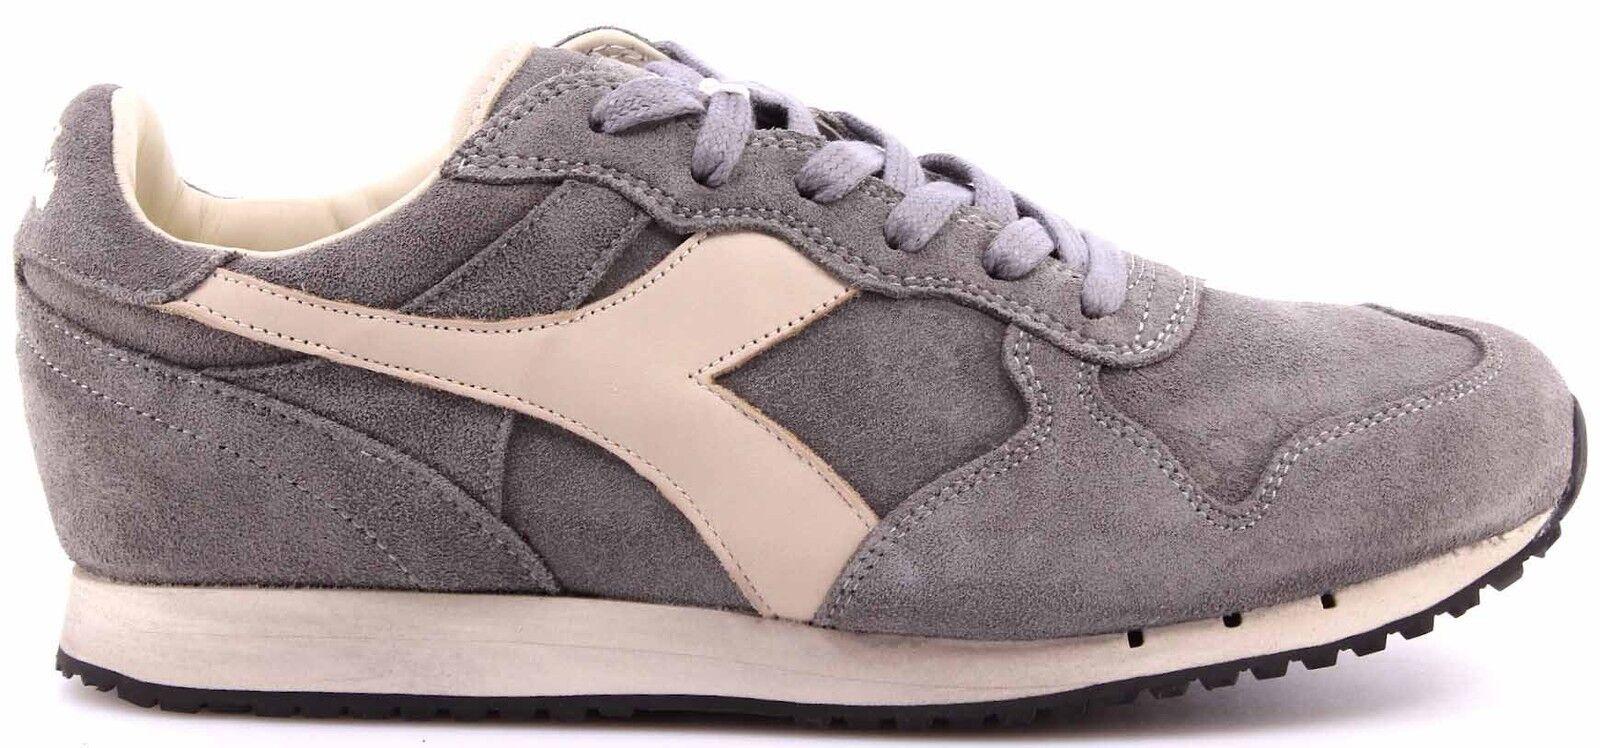 DIADORA HERITAGE Herren Herren Herren Schuhe Sneakers Trident S SW Storm Gray Grigio Grau Neu e86cfc